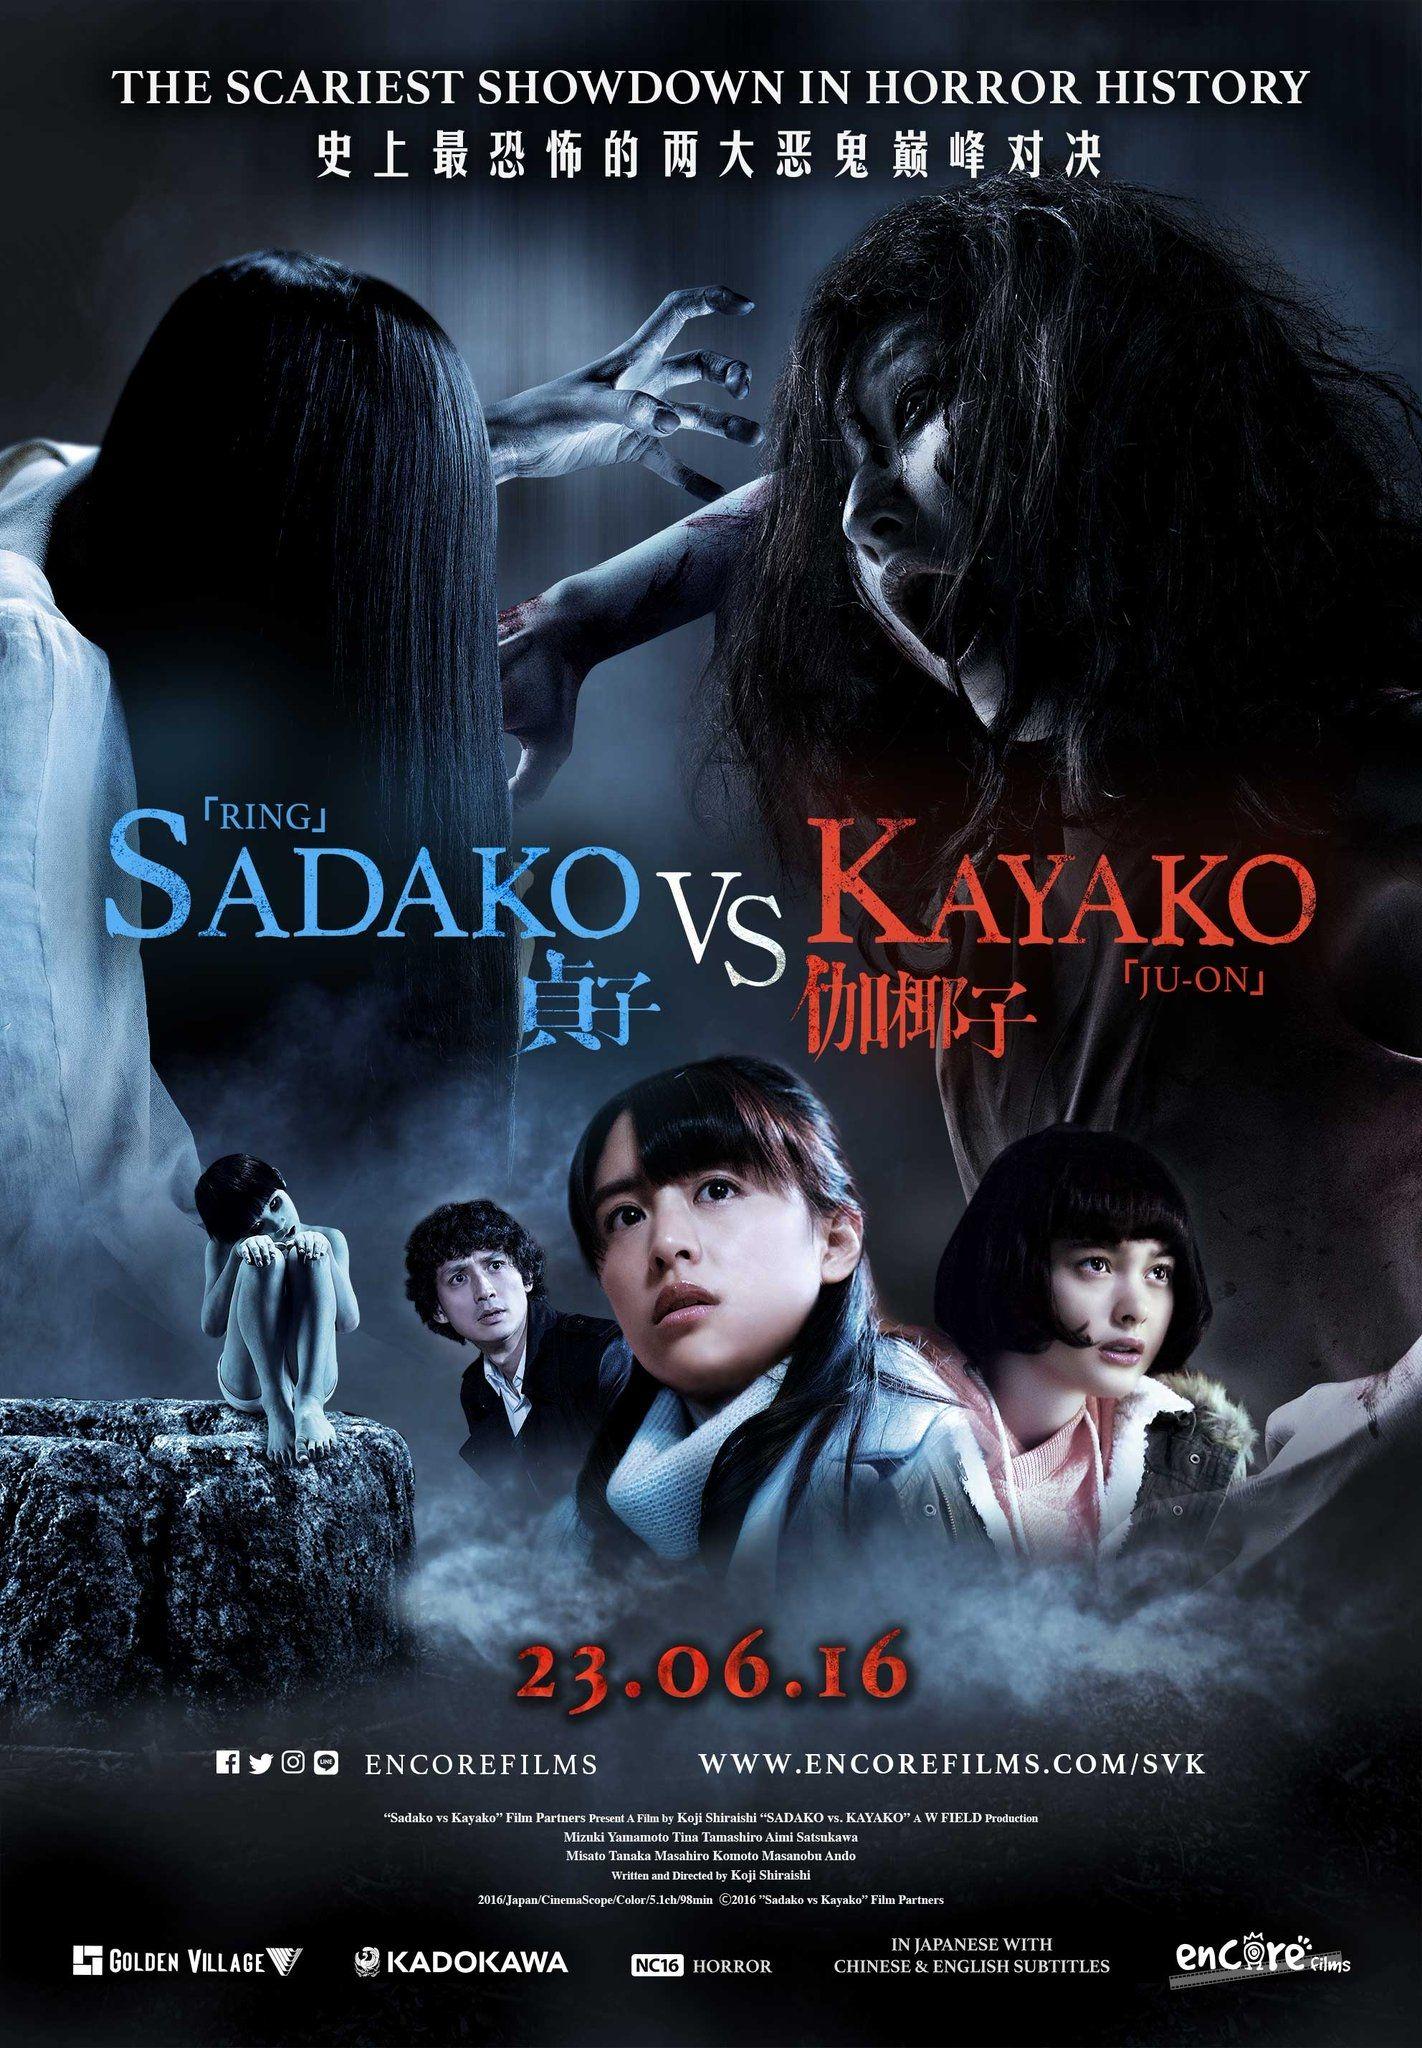 ดูหนัง Sadako vs Kayako (2016) ซาดาโกะ ปะทะ คายาโกะ ดุนรกแตก